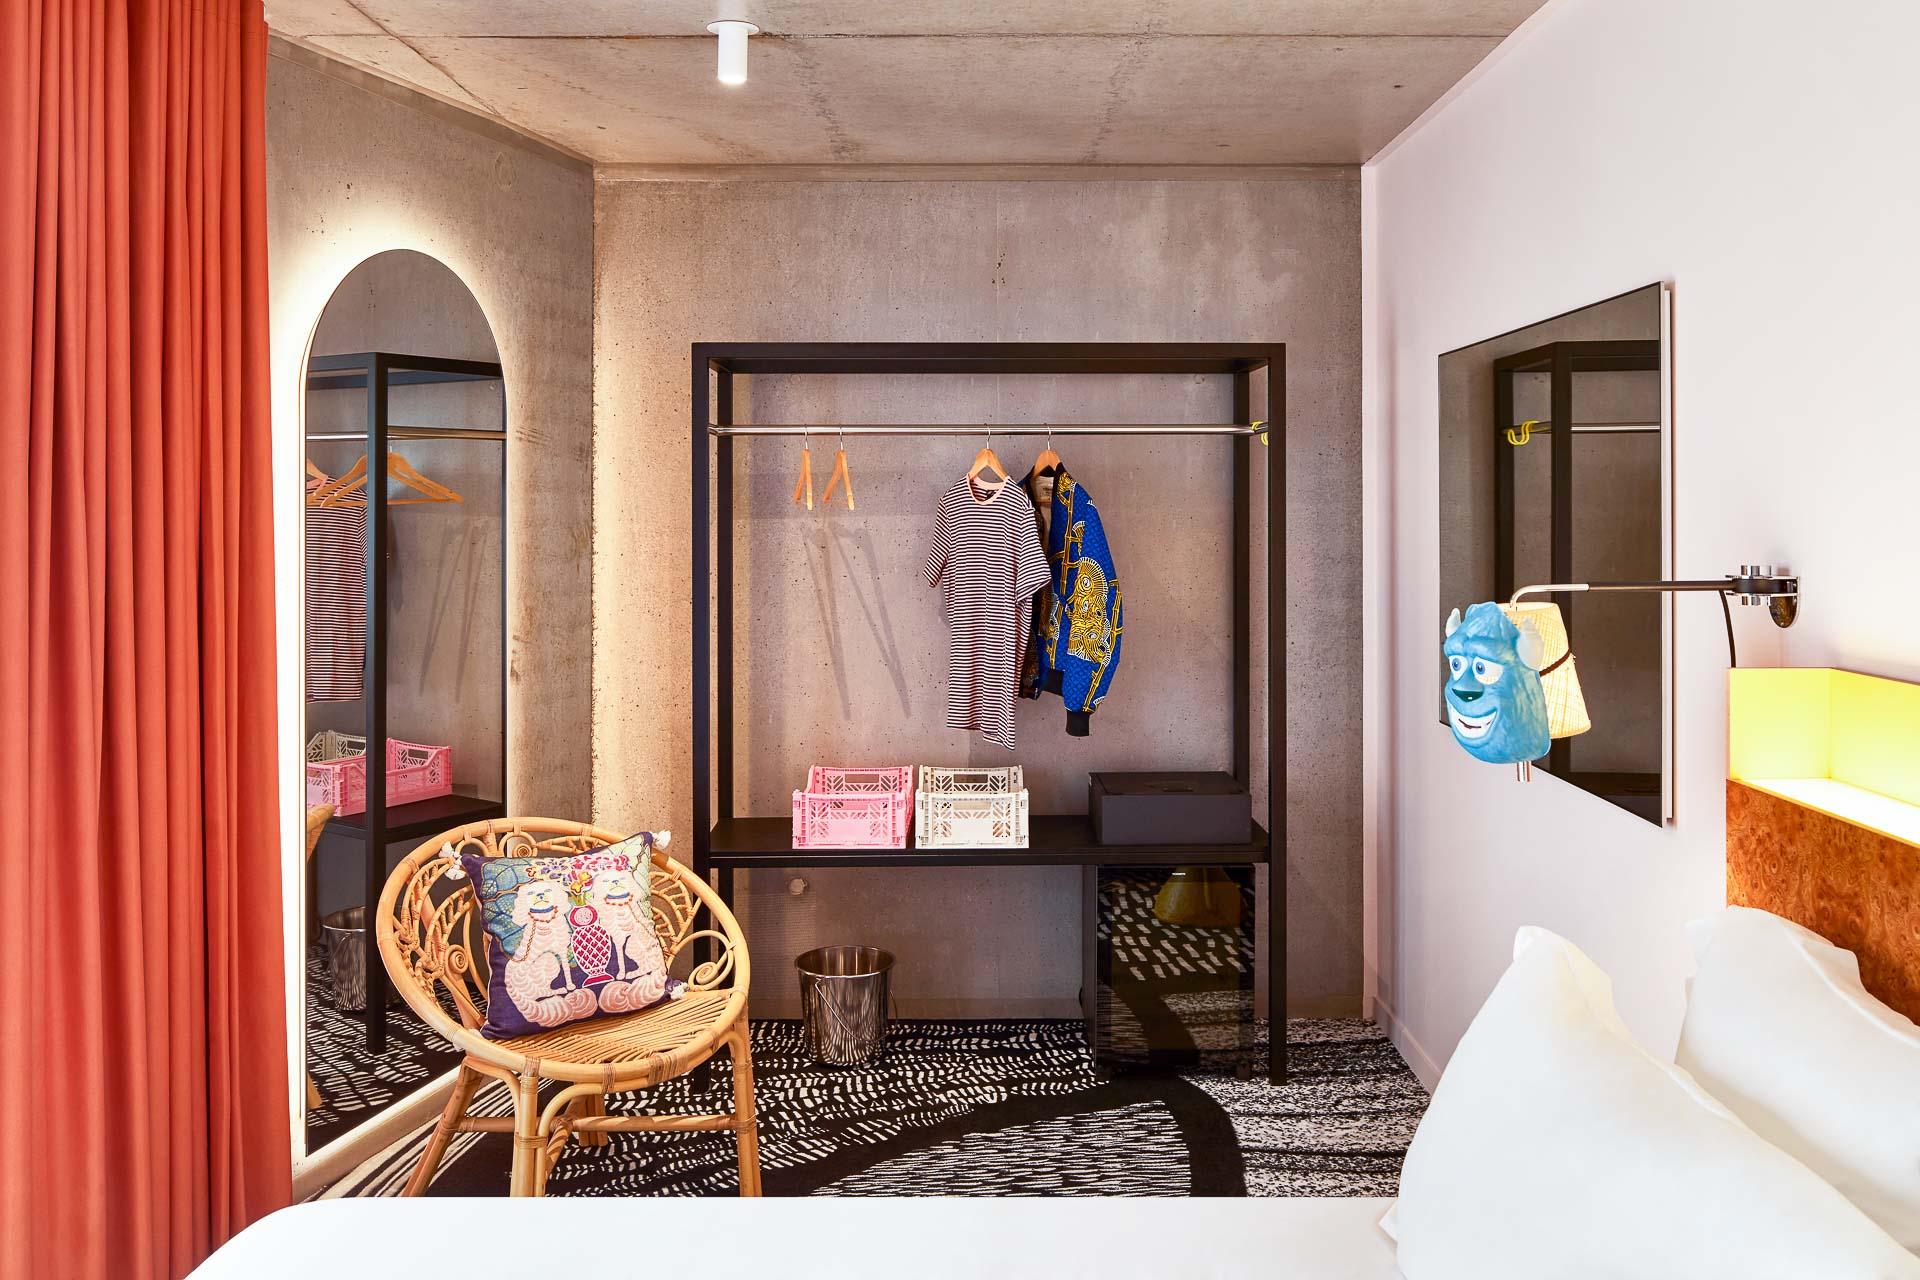 Un peu plus de dix ans après avoir bousculé le monde de l'hôtellerie, Mama Shelter ouvre à Lille son dixième hôtel — le sixième en France — et multiplie les nouveaux projets. La marque, désormais associée à AccorHotels, se montre plus dynamique que jamais.